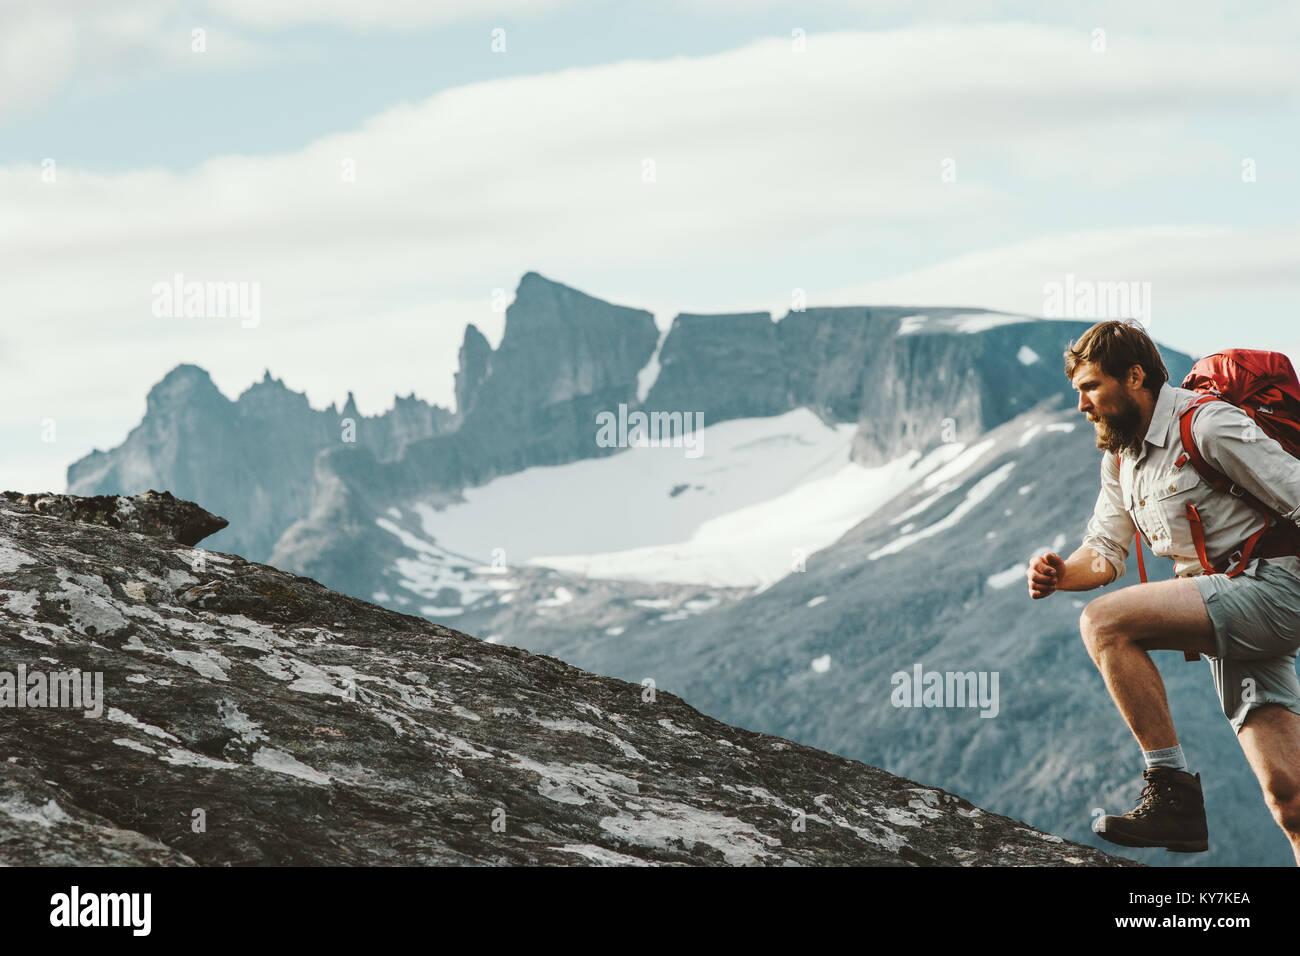 Aktive Mann laufen in den Bergen mit Rucksack Norwegen Reisen Wandern lifestyle Konzept aktiven Wochenende Sommerferien Stockbild